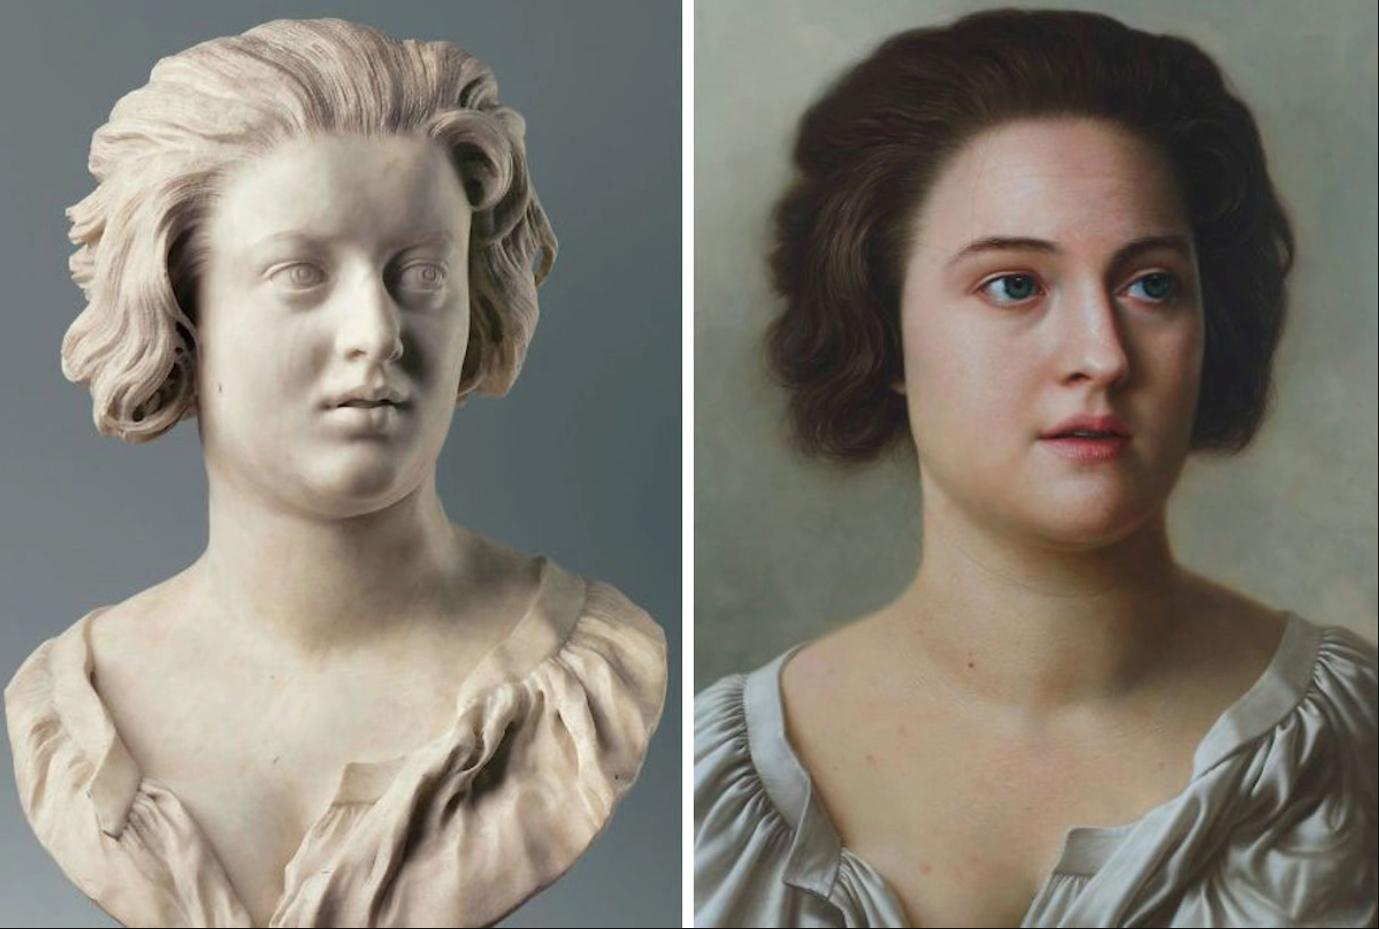 Chiêm ngưỡng những chân dung nổi tiếng được vẽ lại bằng phong cách cực thực (hyperrealistic) - 4